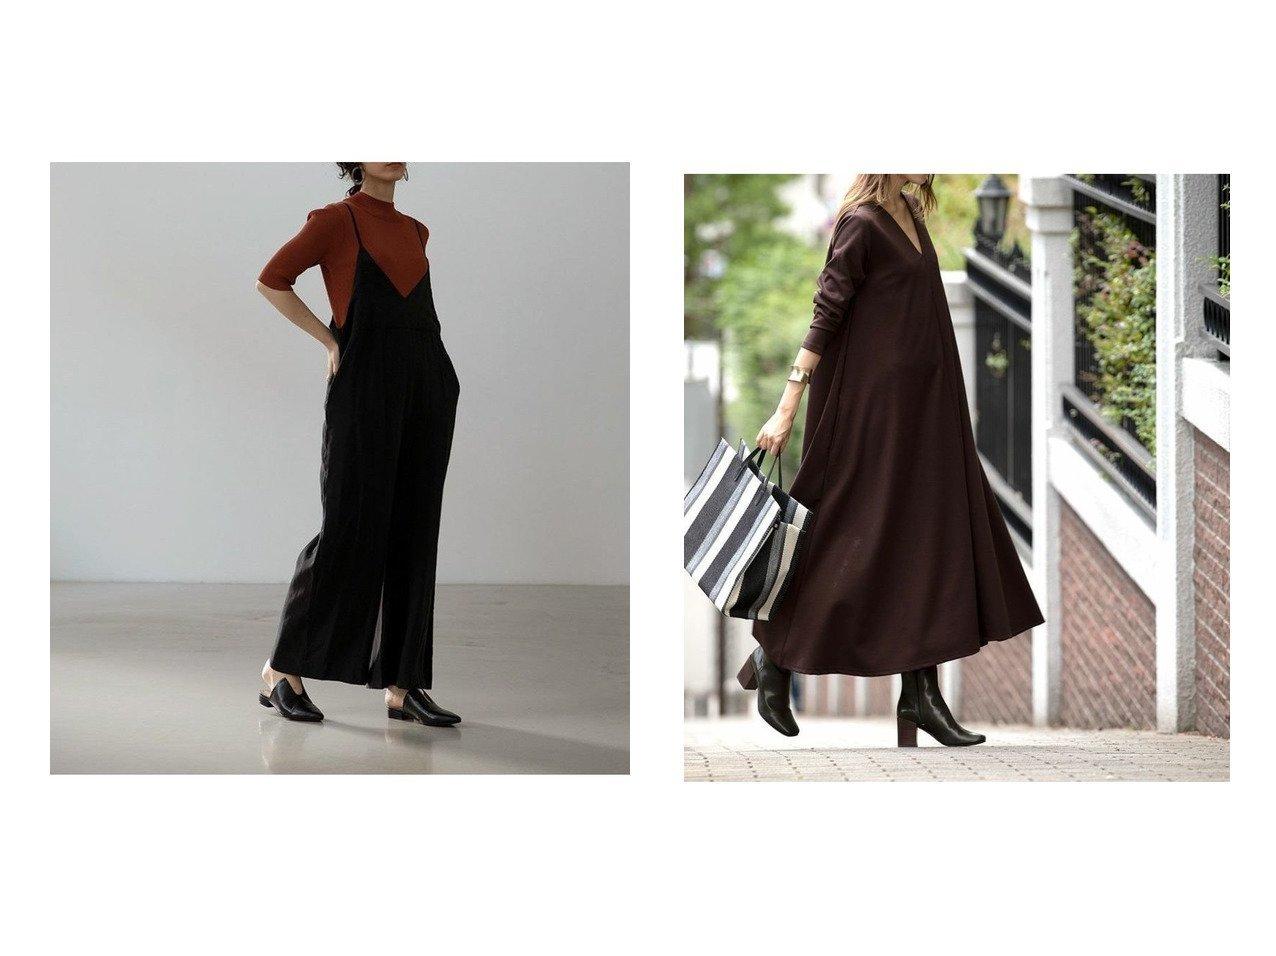 【marjour/マージュール】のmarjourチックサロペット CHIC SALOPETTE&ポンチドレス PONTE DRESS マージュールのおすすめ!人気、トレンド・レディースファッションの通販 おすすめで人気の流行・トレンド、ファッションの通販商品 メンズファッション・キッズファッション・インテリア・家具・レディースファッション・服の通販 founy(ファニー) https://founy.com/ ファッション Fashion レディースファッション WOMEN ワンピース Dress サロペット Salopette ドレス Party Dresses アクセサリー オフショル カットソー サロペット シューズ タンク タートル バランス フラット プリント ボトム ミドル おすすめ Recommend |ID:crp329100000021561